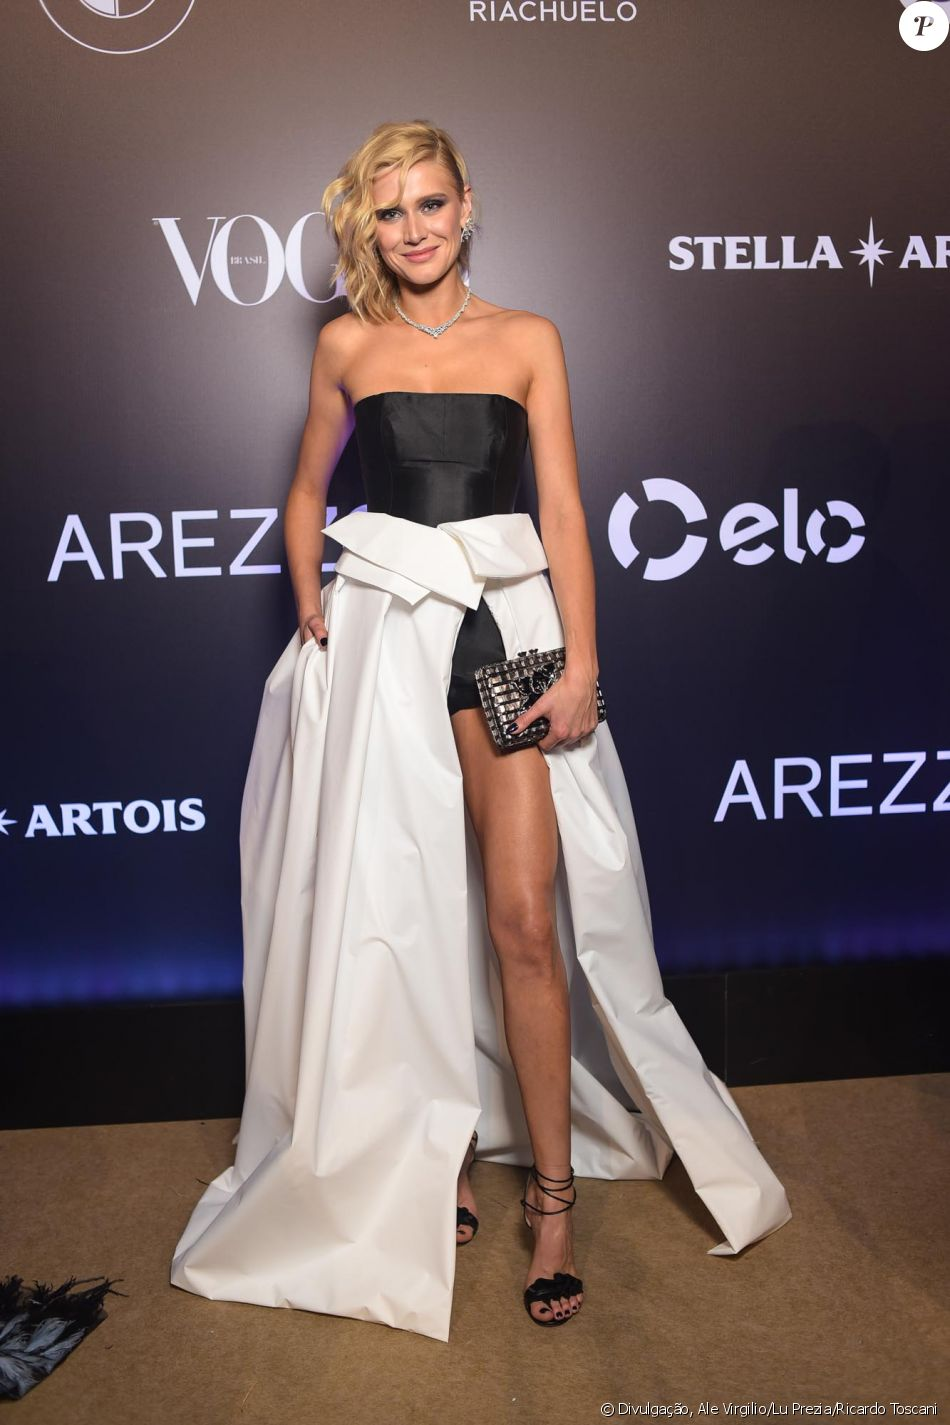 Celina Locks de Forum no Baile da Vogue, realizado no Hotel Unique, em São  Paulo, na noite desta quinta-feira, 1º de fevereiro de 2018 4a43a0c66d